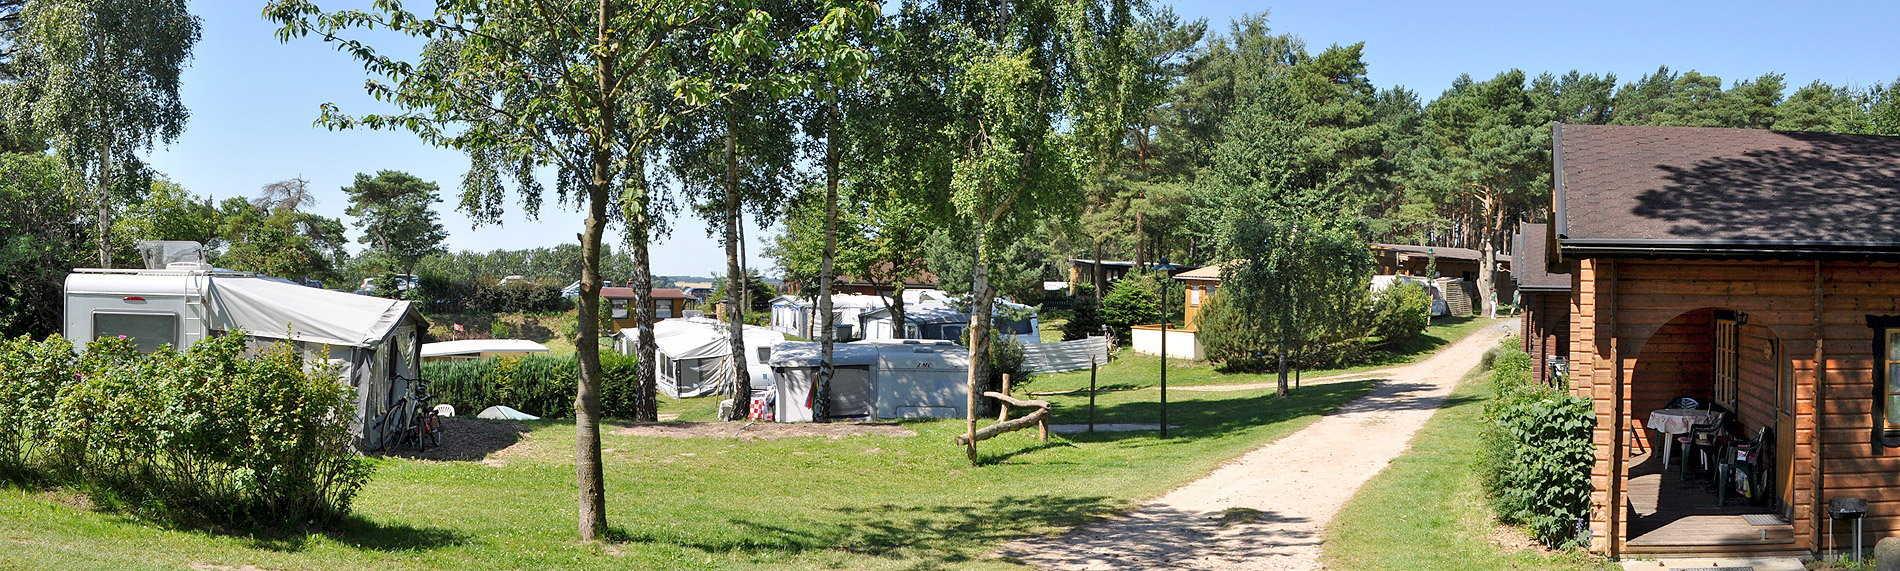 camping-ferienhaeuser